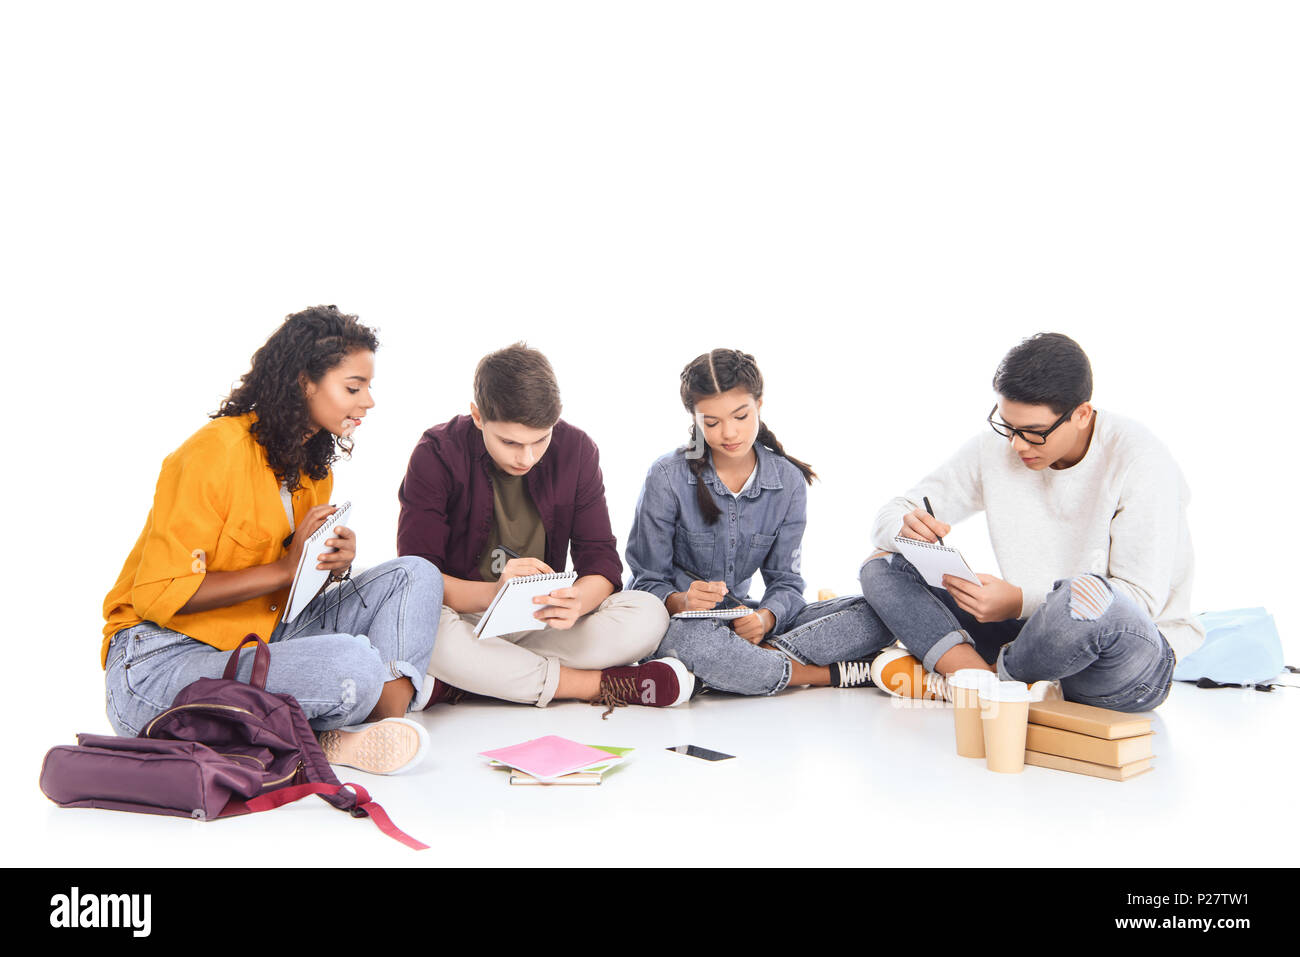 Interracial rencontres Collège campus site de rencontre le plus populaire de DC